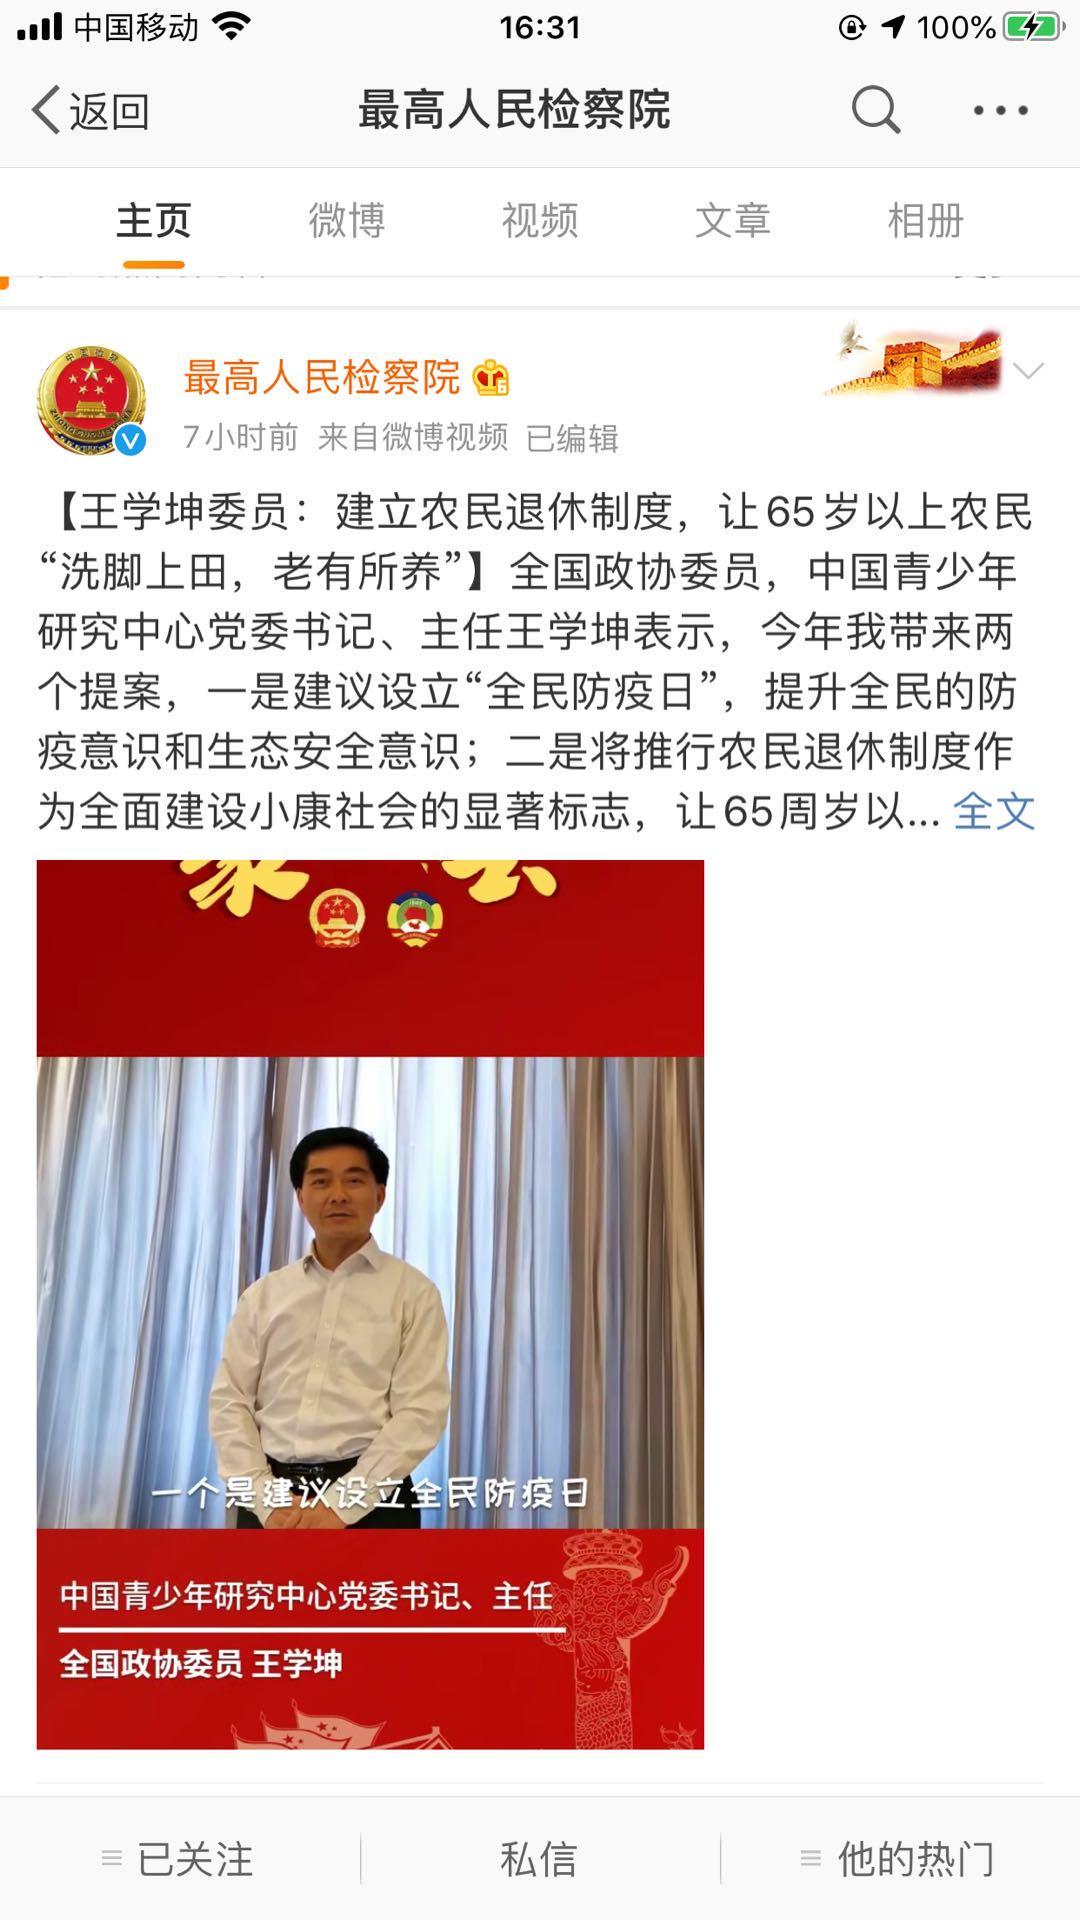 """王学坤委员:建立农民退休制度,让65岁以上农民""""洗脚上田,老有所养"""""""